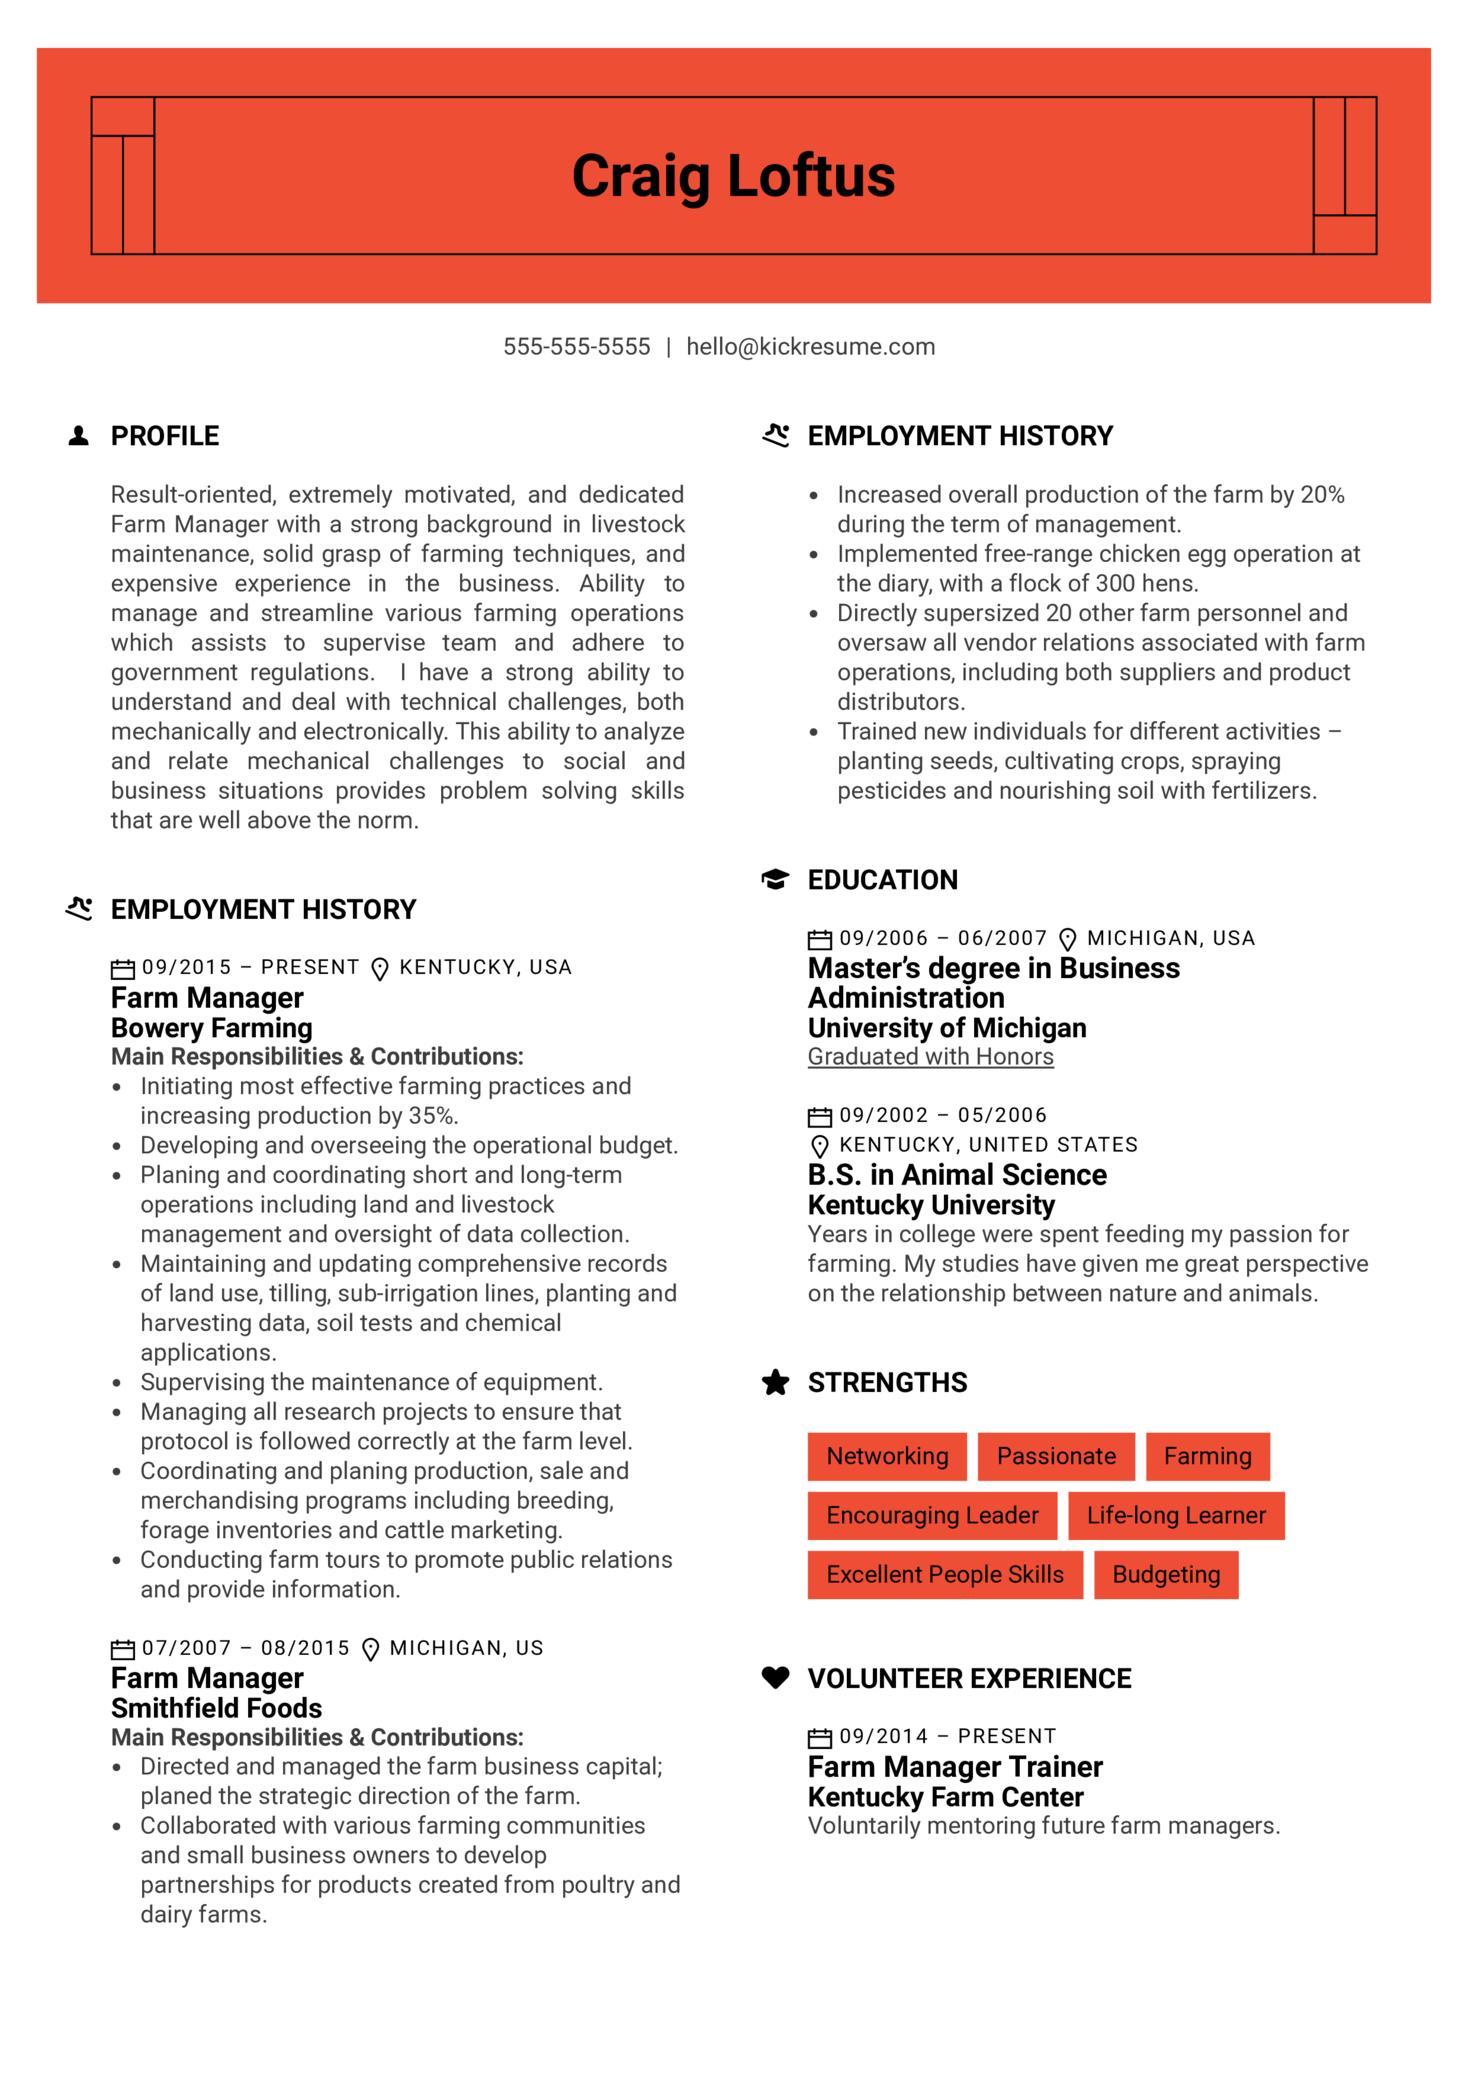 Farm Manager Resume Example (časť 1)